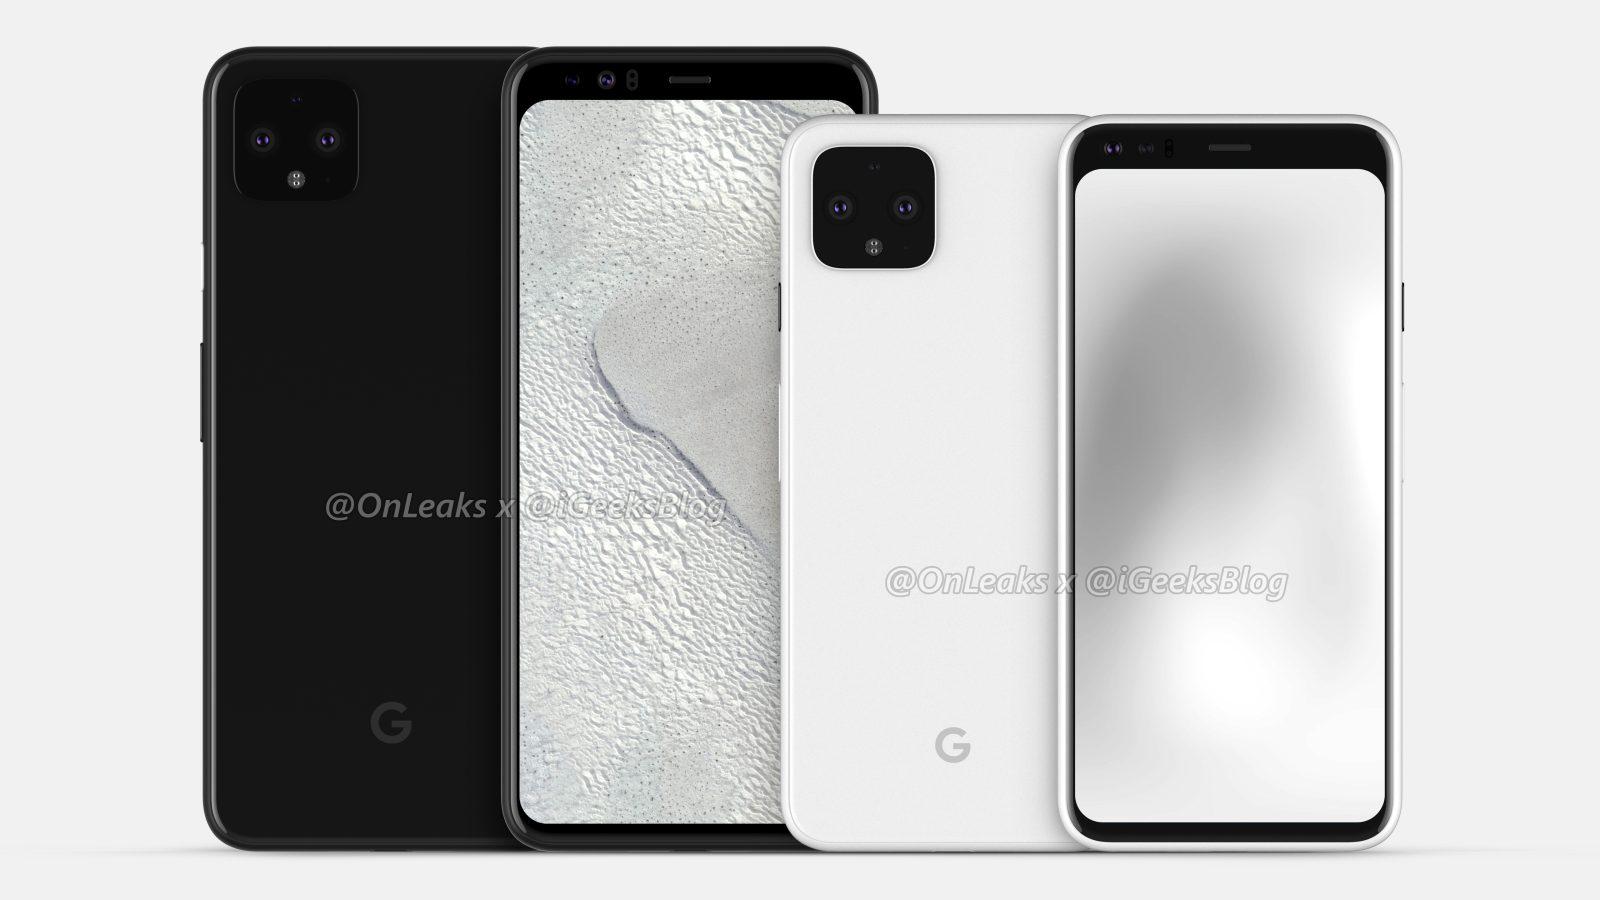 Google Pixel 4 9to5google